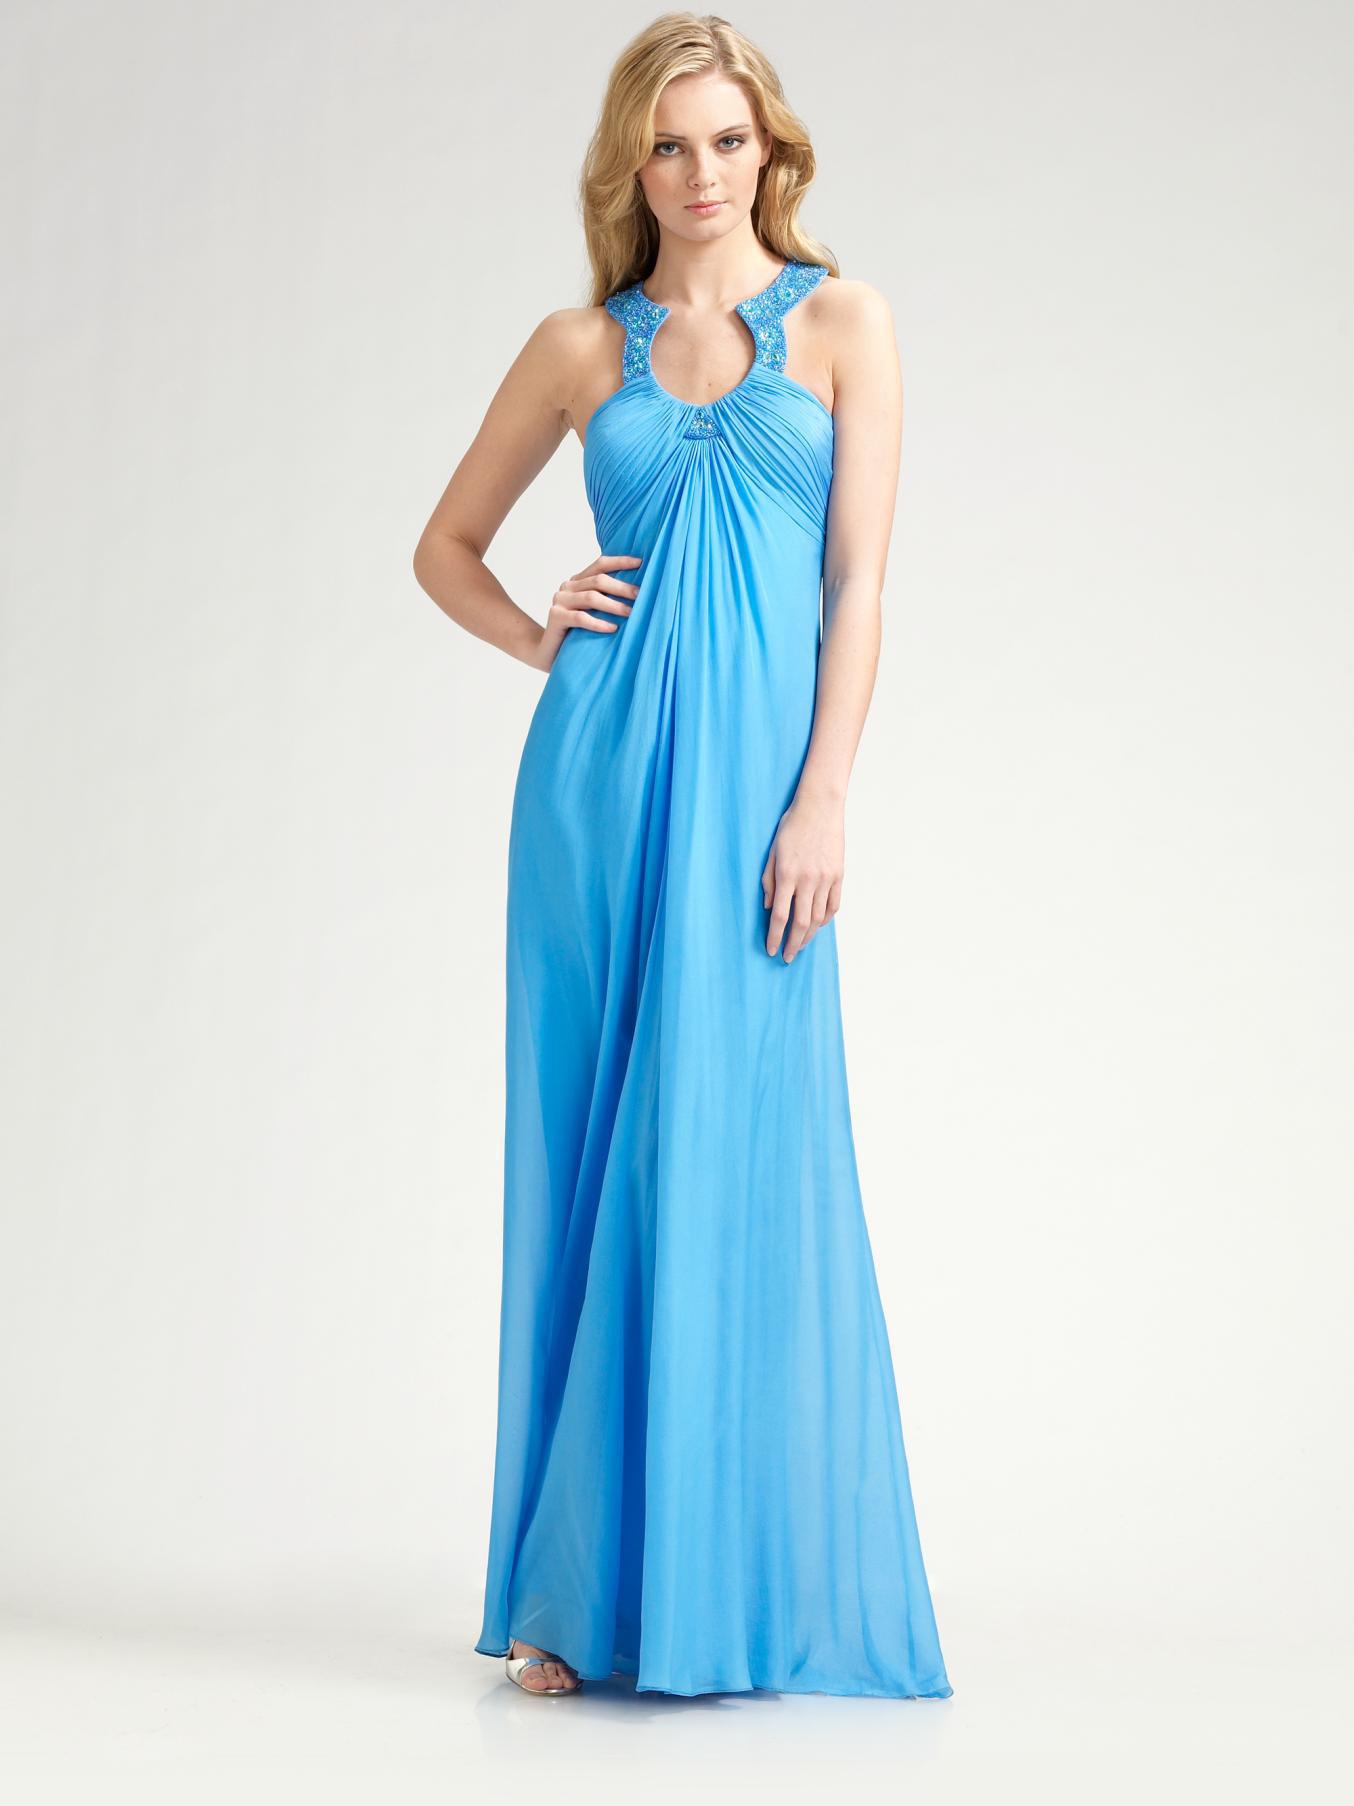 Horseshoe Neckline Dress_Other dresses_dressesss